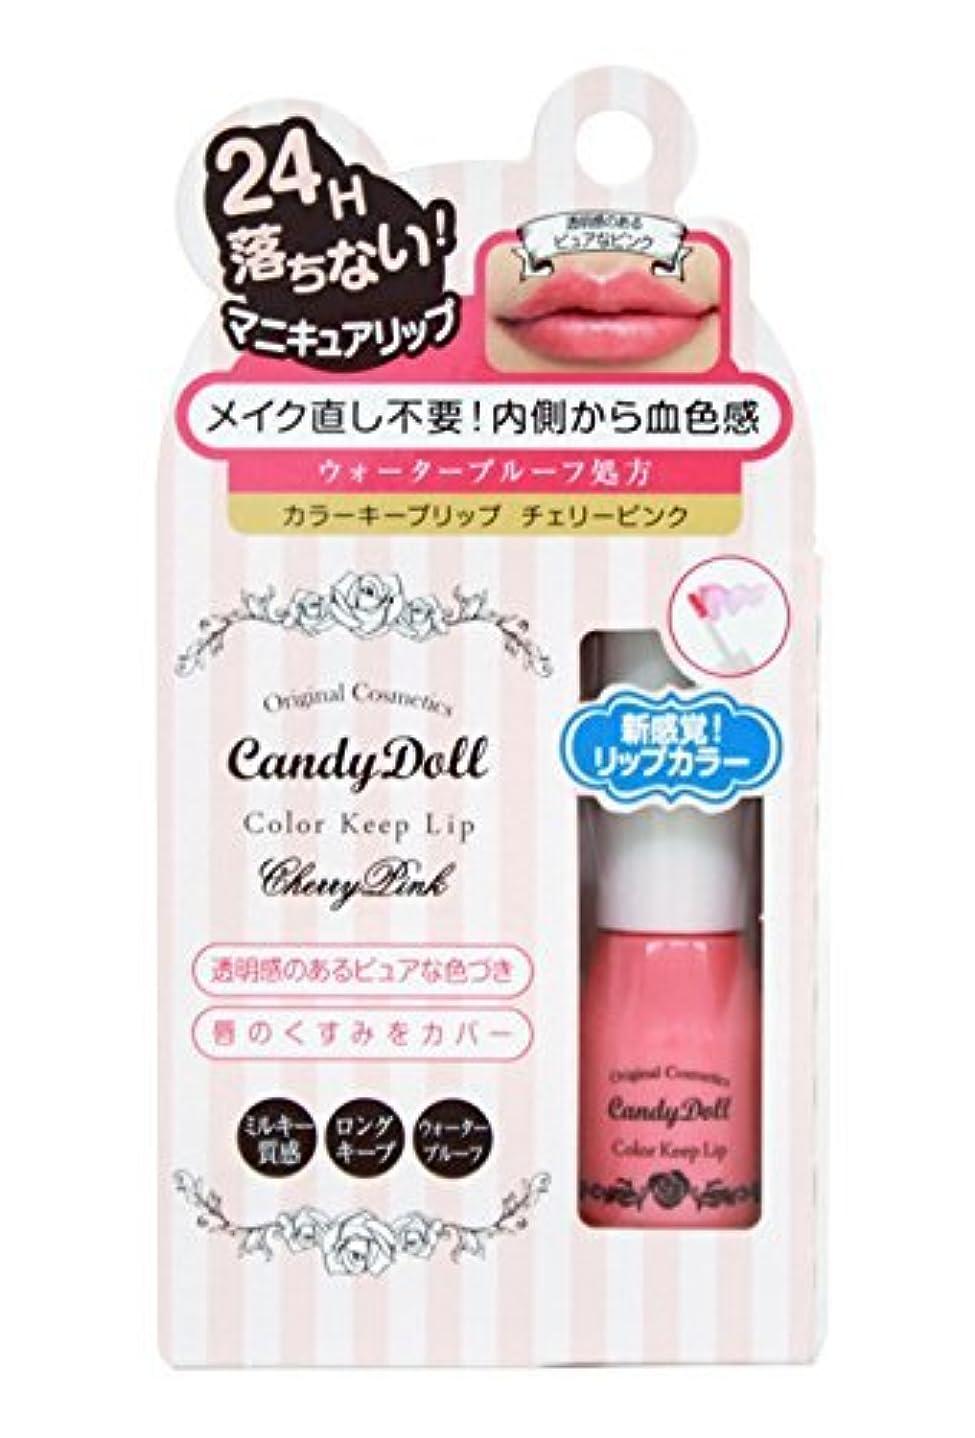 田舎流す実用的T-Garden CandyDoll カラーキープリップ チェリーピンク